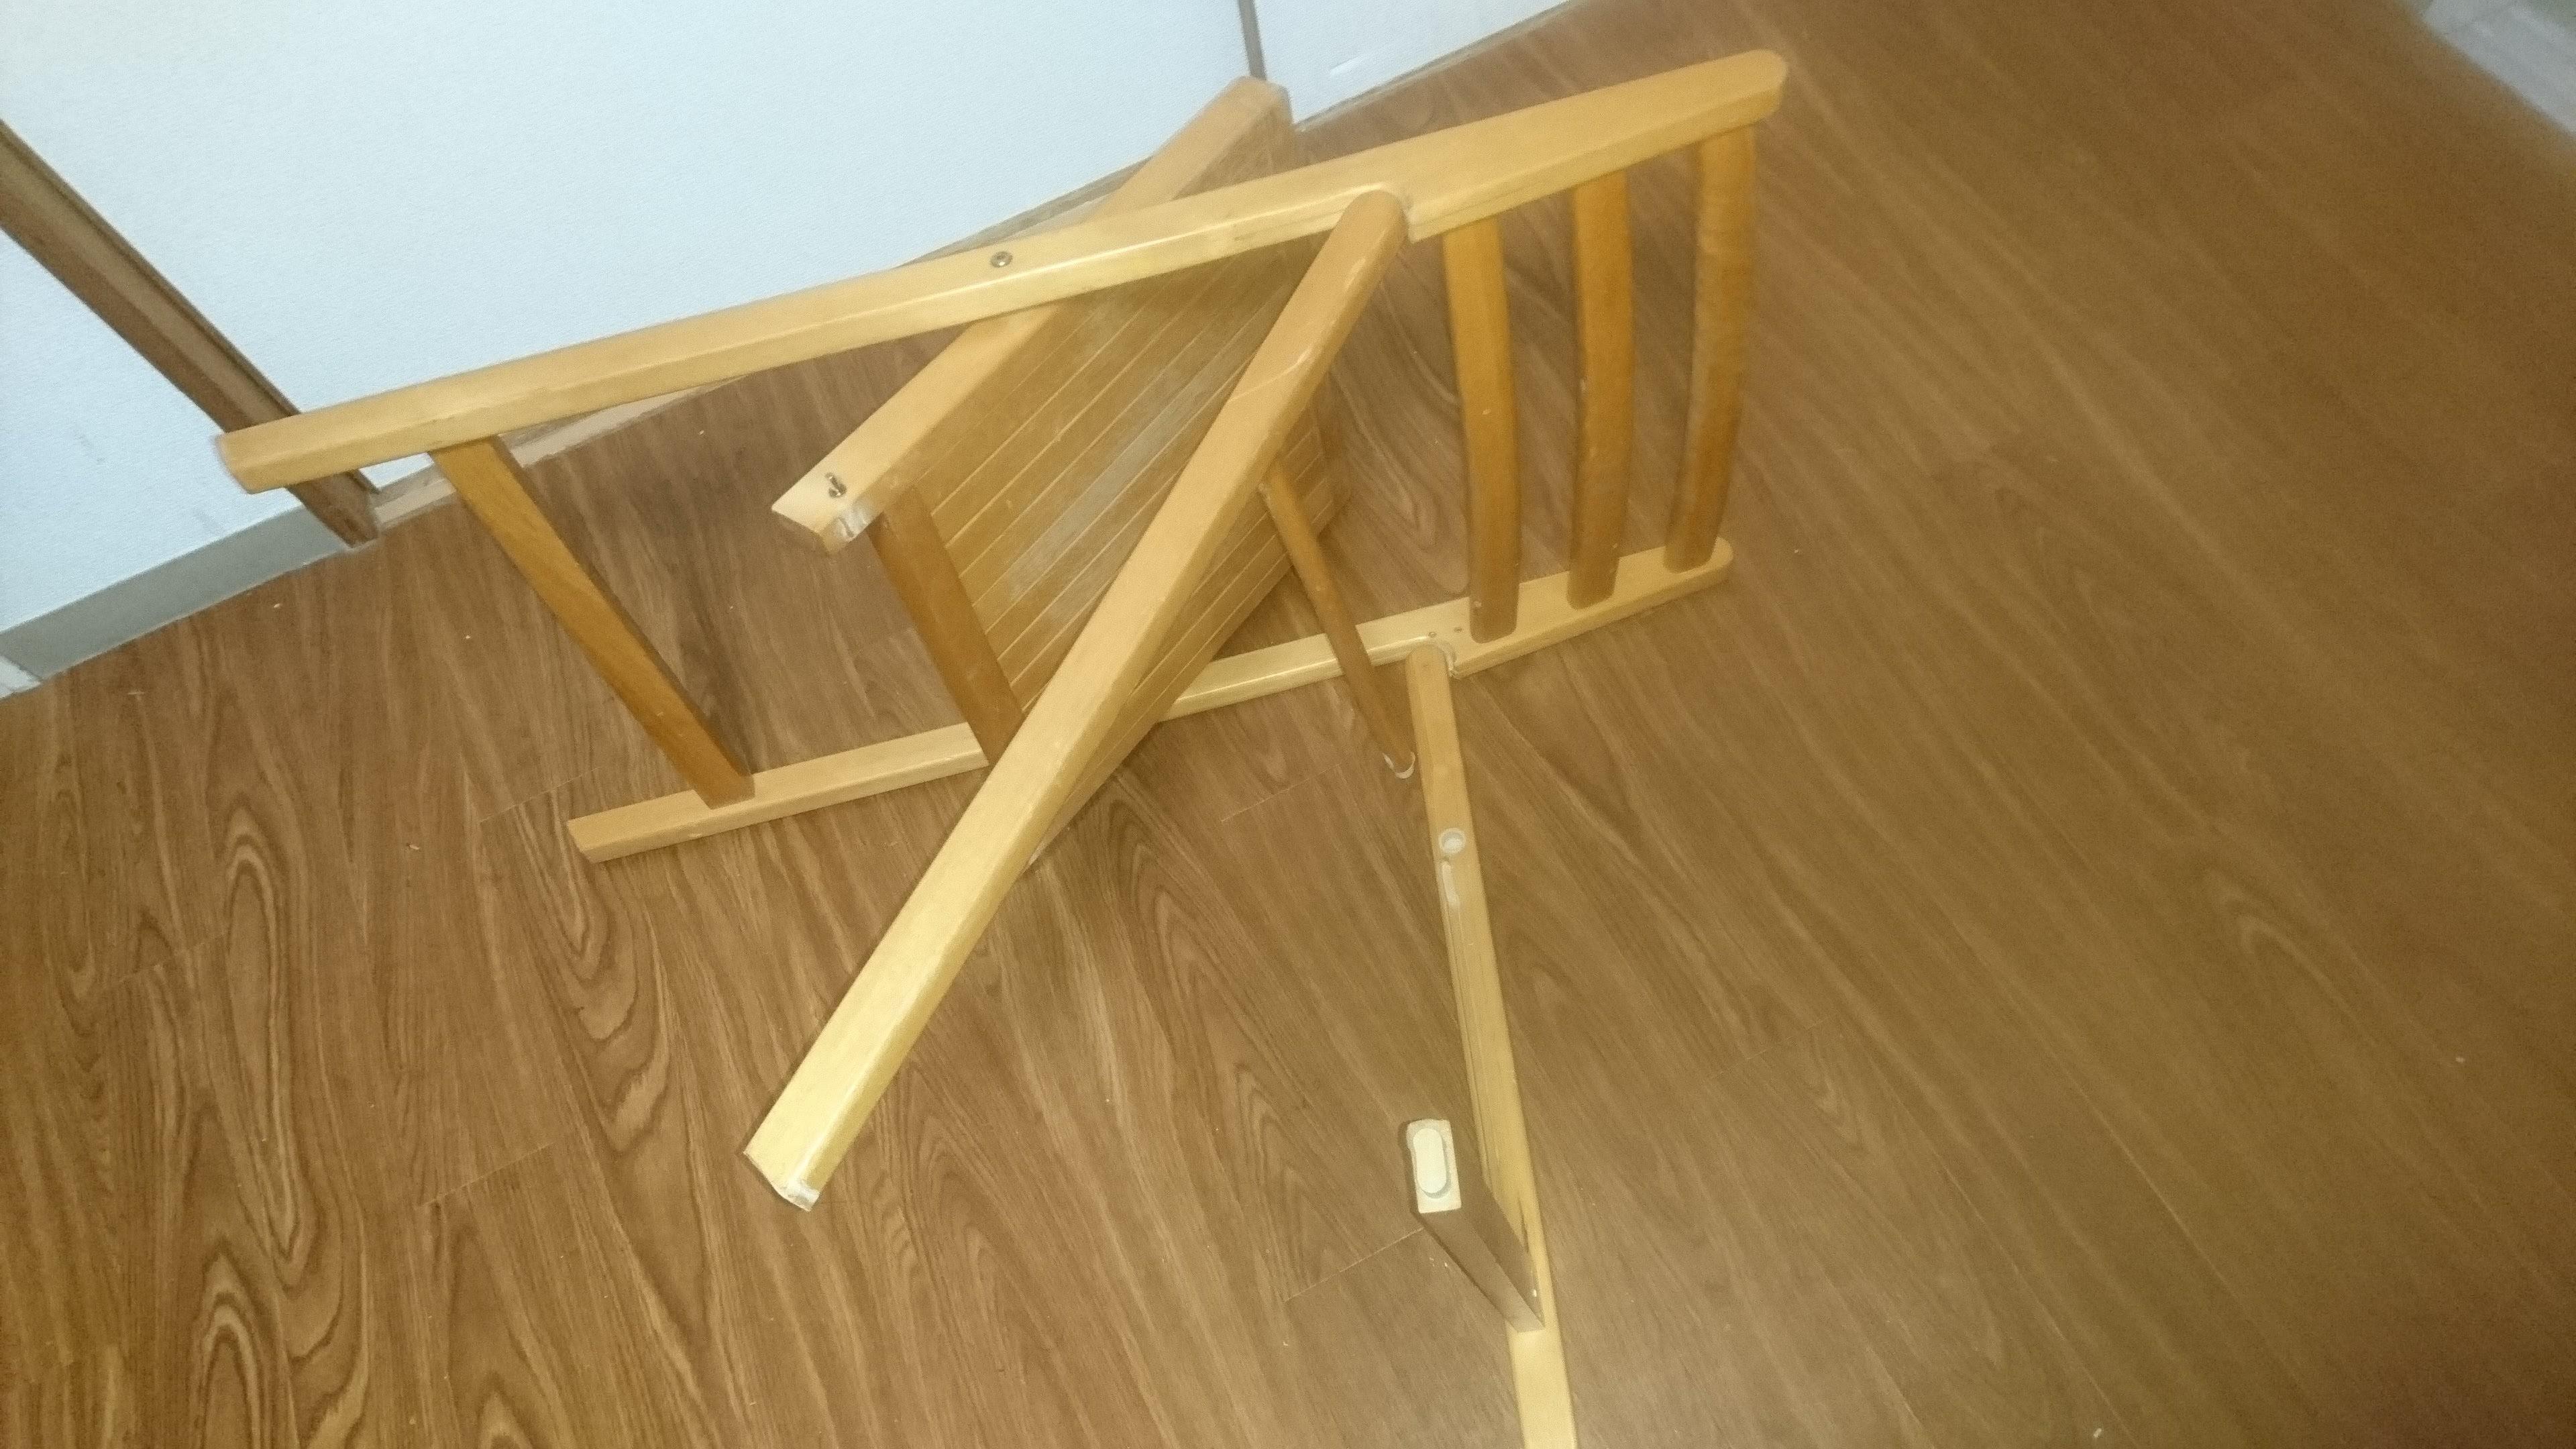 [ともみちくんテロ] チョコレートに興奮して、勢いよく椅子を破壊。